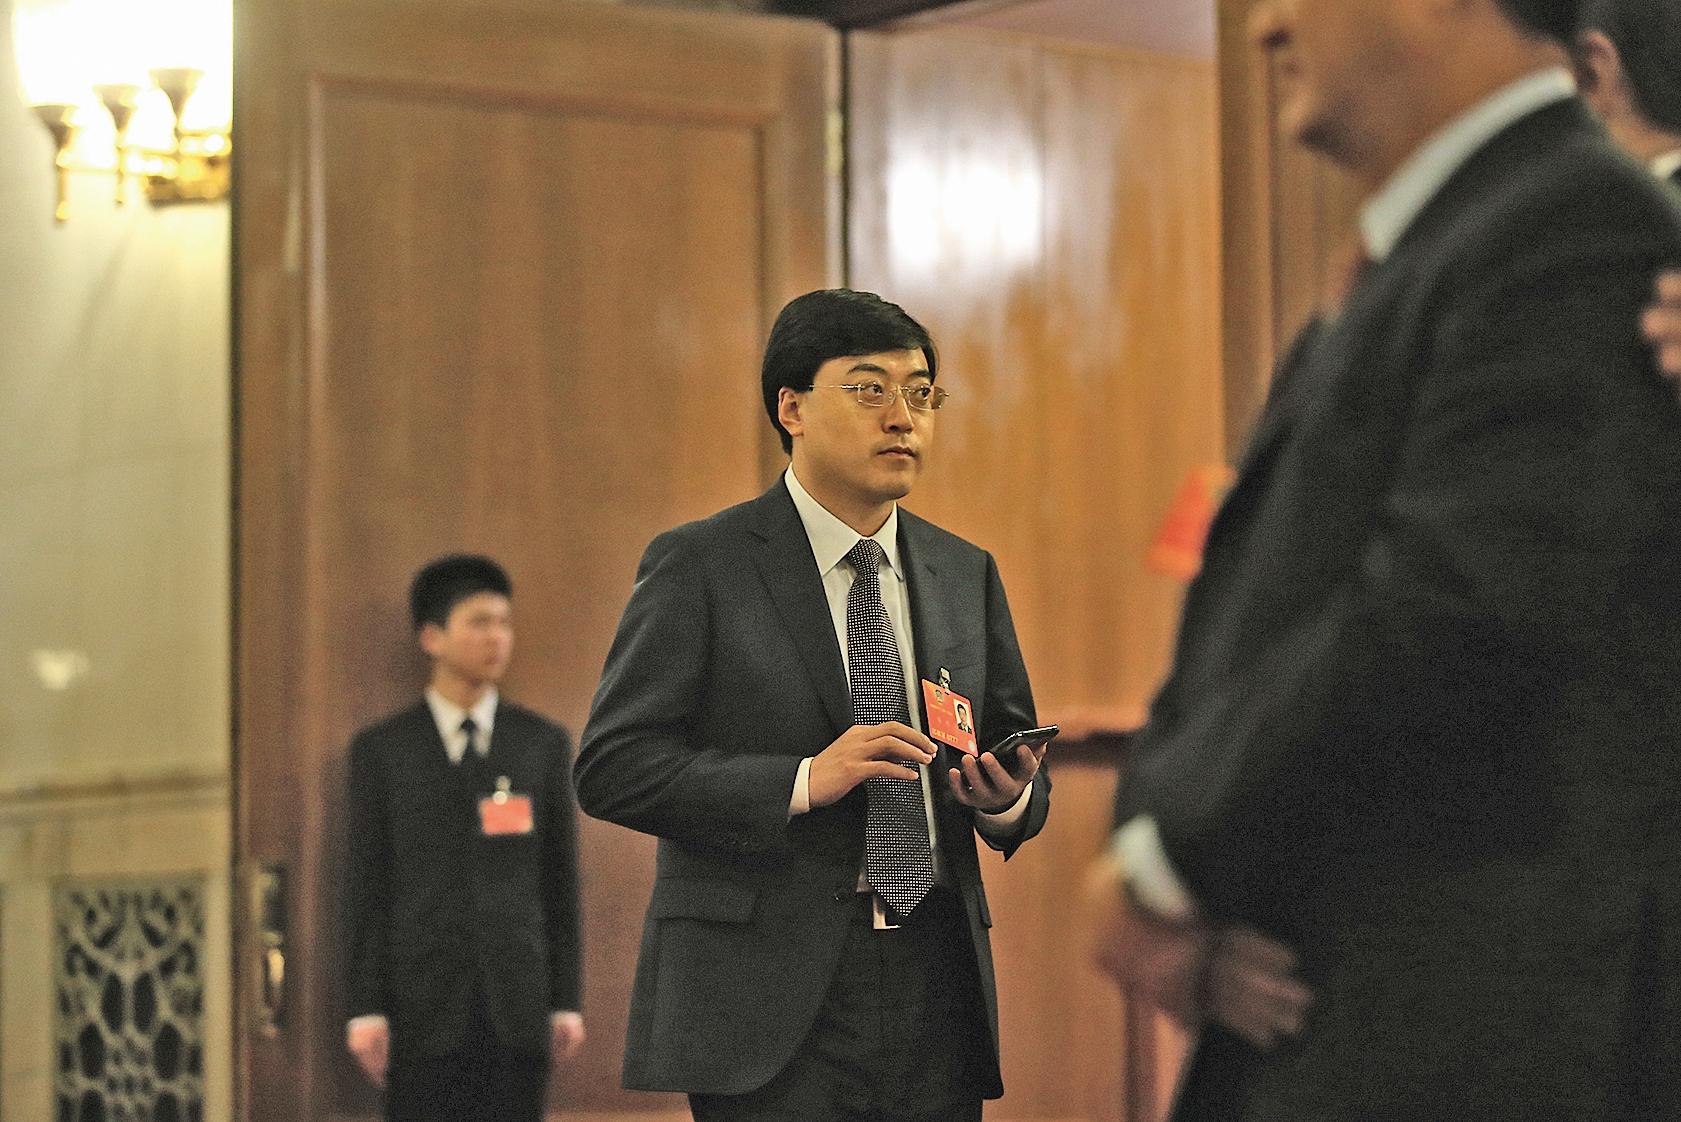 內蒙古伊利集團爆出「內訌」醜聞。圖為伊利集團董事長潘剛3月11日參加中共政協會議。(AFP)